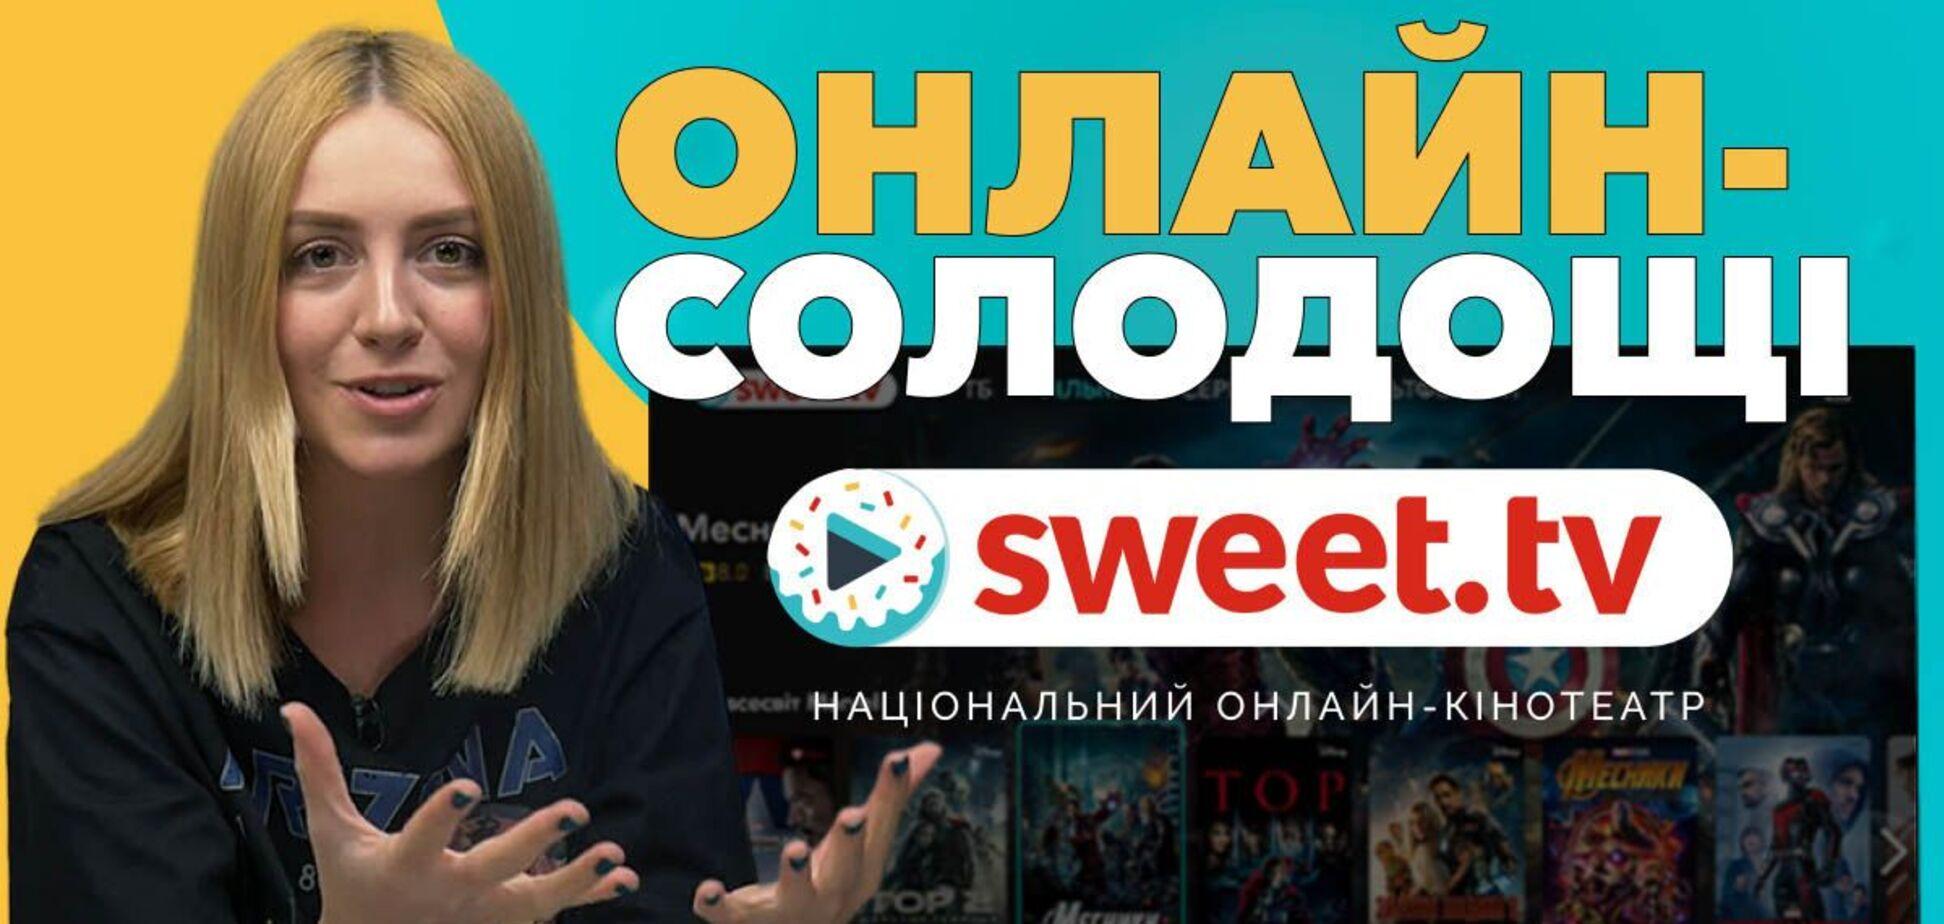 Что такое 'онлайн-сладости'? В сети появился обзор на сервис SWEET.TV